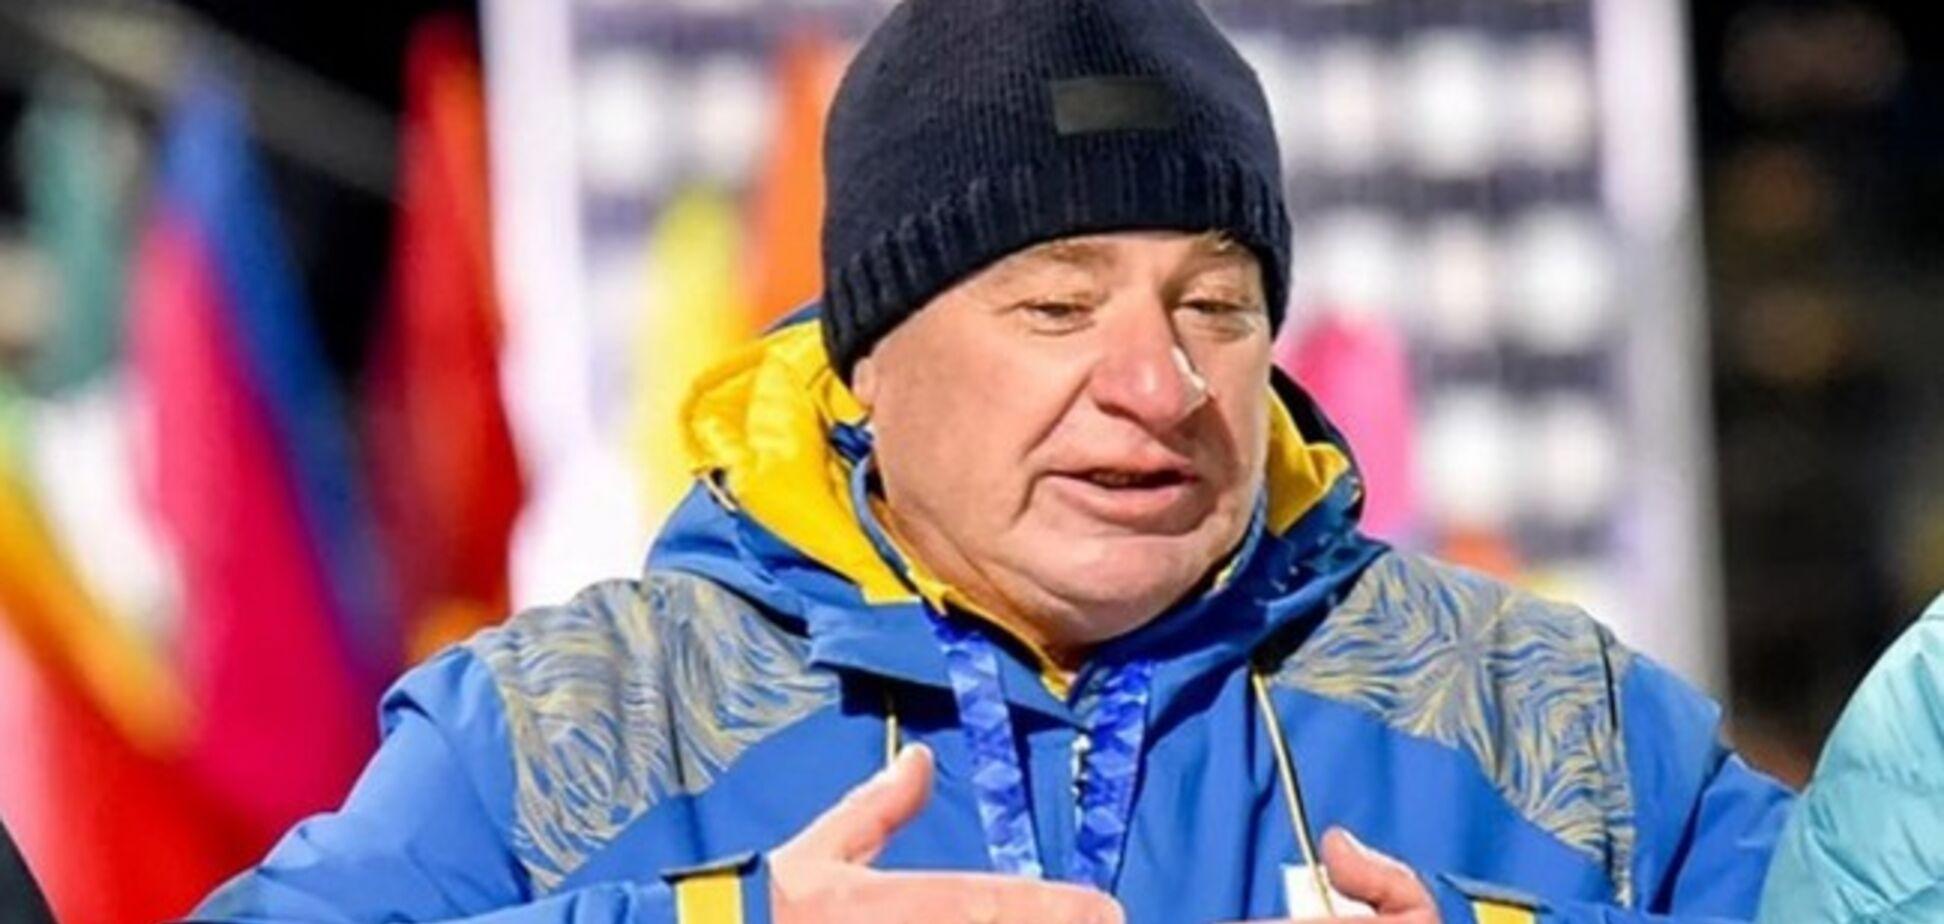 Бринзак: не маючи патронів, ми думаємо, що Україна - гранд у світовому біатлоні